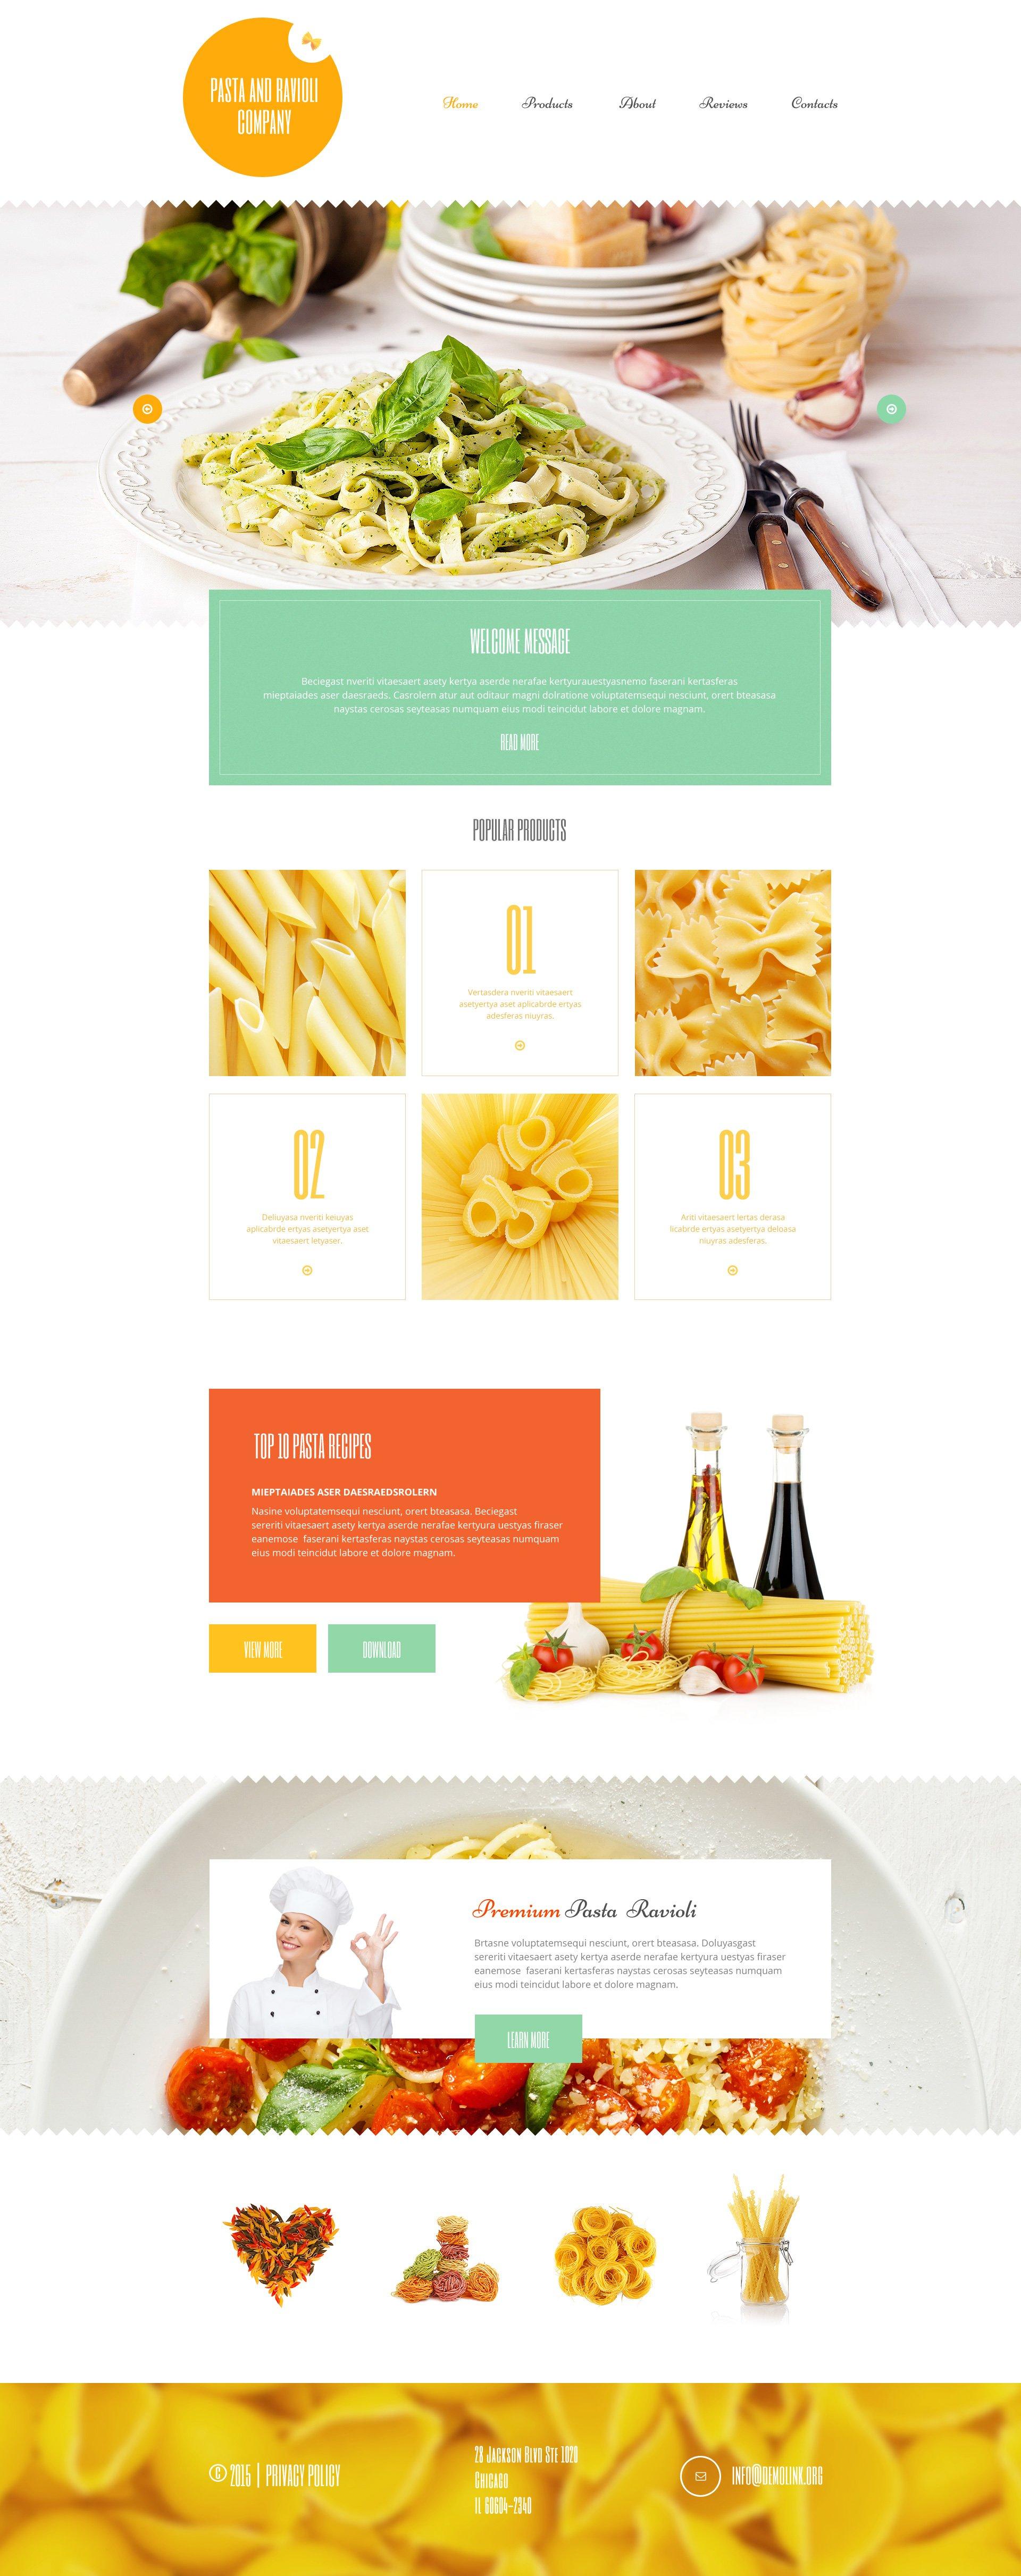 WordPress Theme #55187 für Italienisches Restaurant